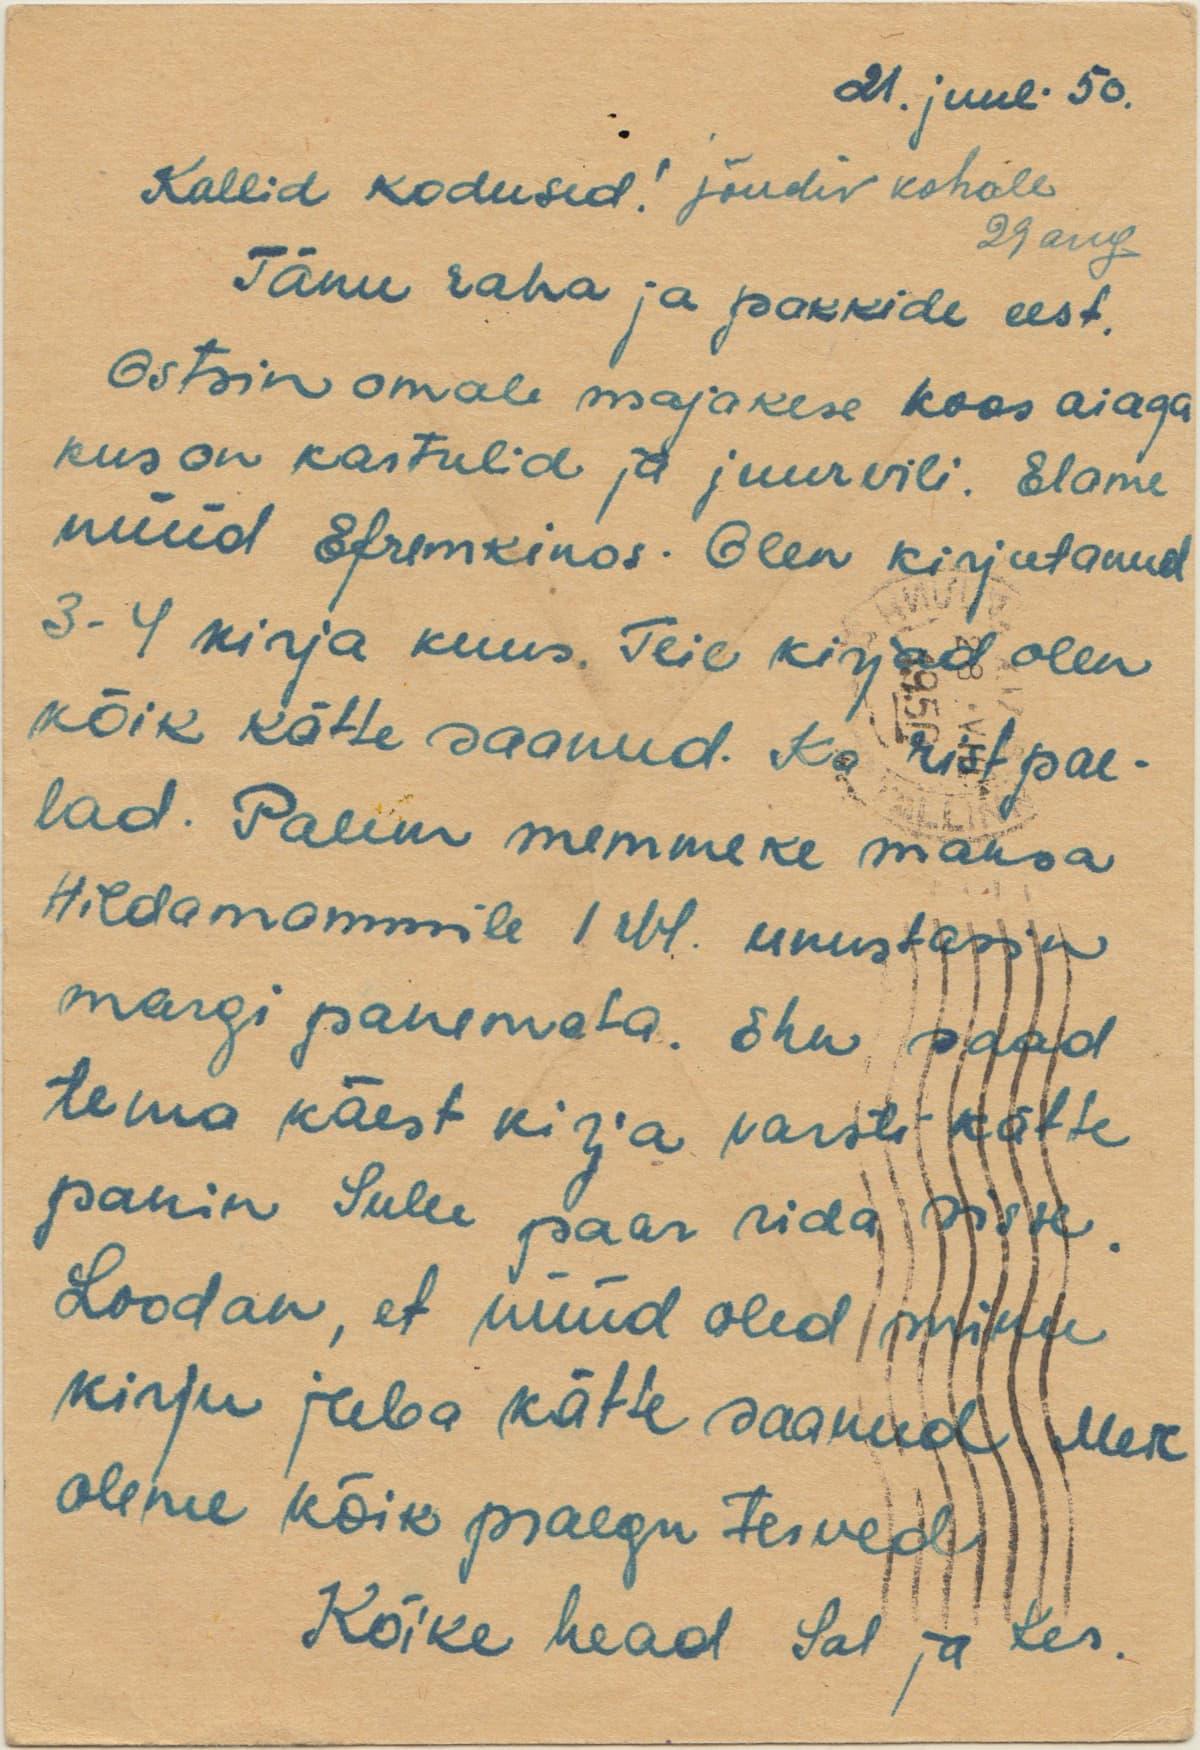 Kersti Sammin äidin Viroon lähettämä käsinkirjoitettu kirje